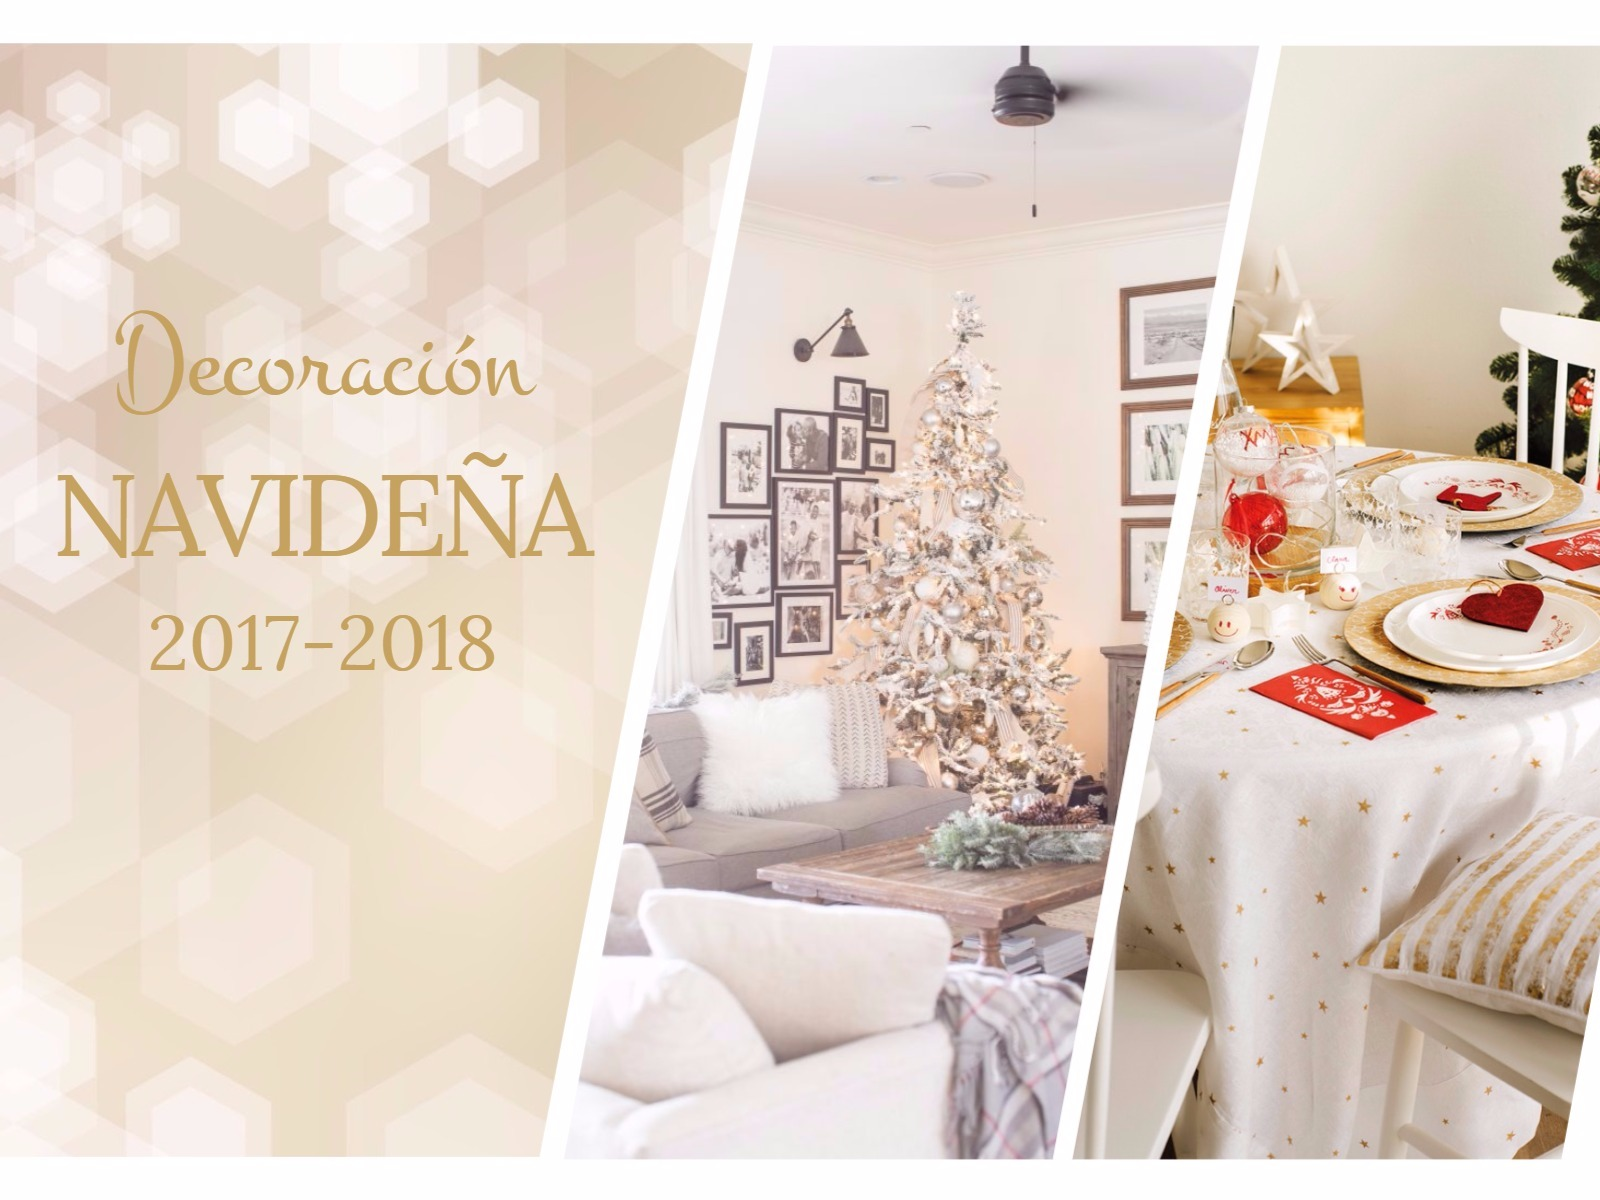 DECORACIÓN NAVIDEÑA - Guía para decorar tu casa al estilo de ¡Oh, Blanca Navidad!